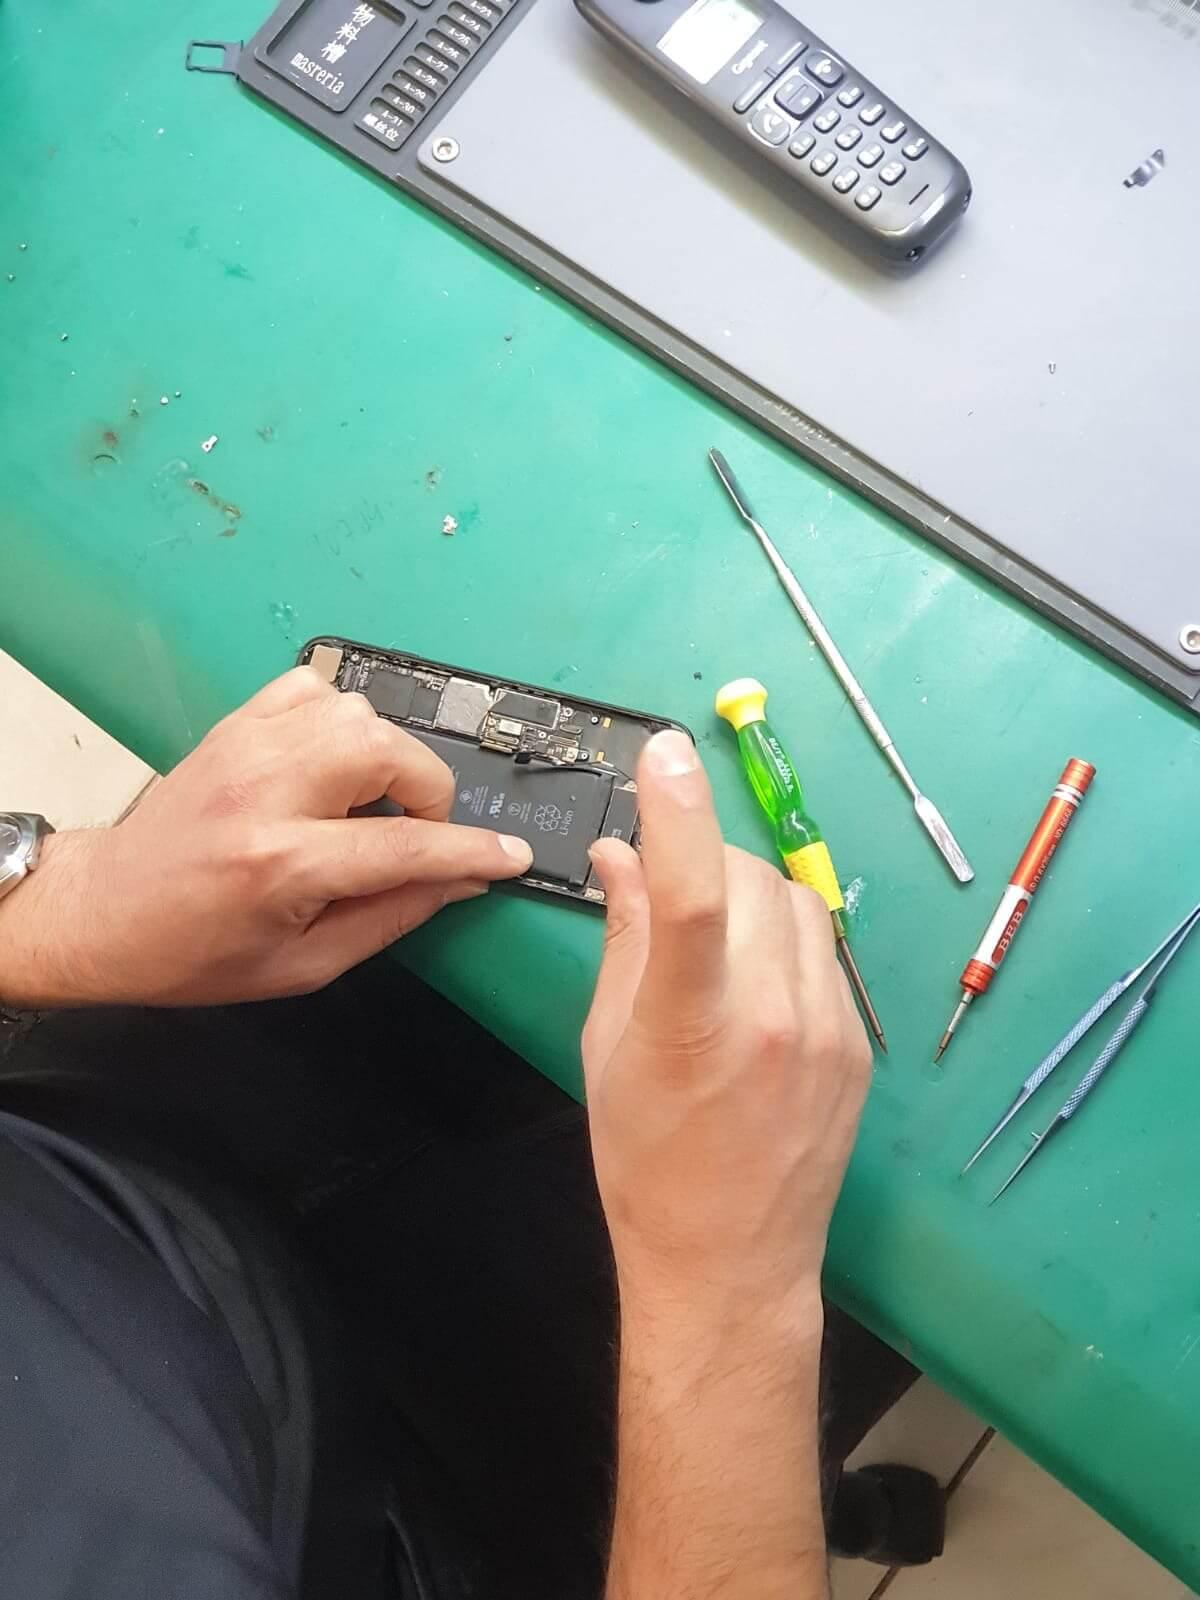 iphone tamiri nasıl yapılır?